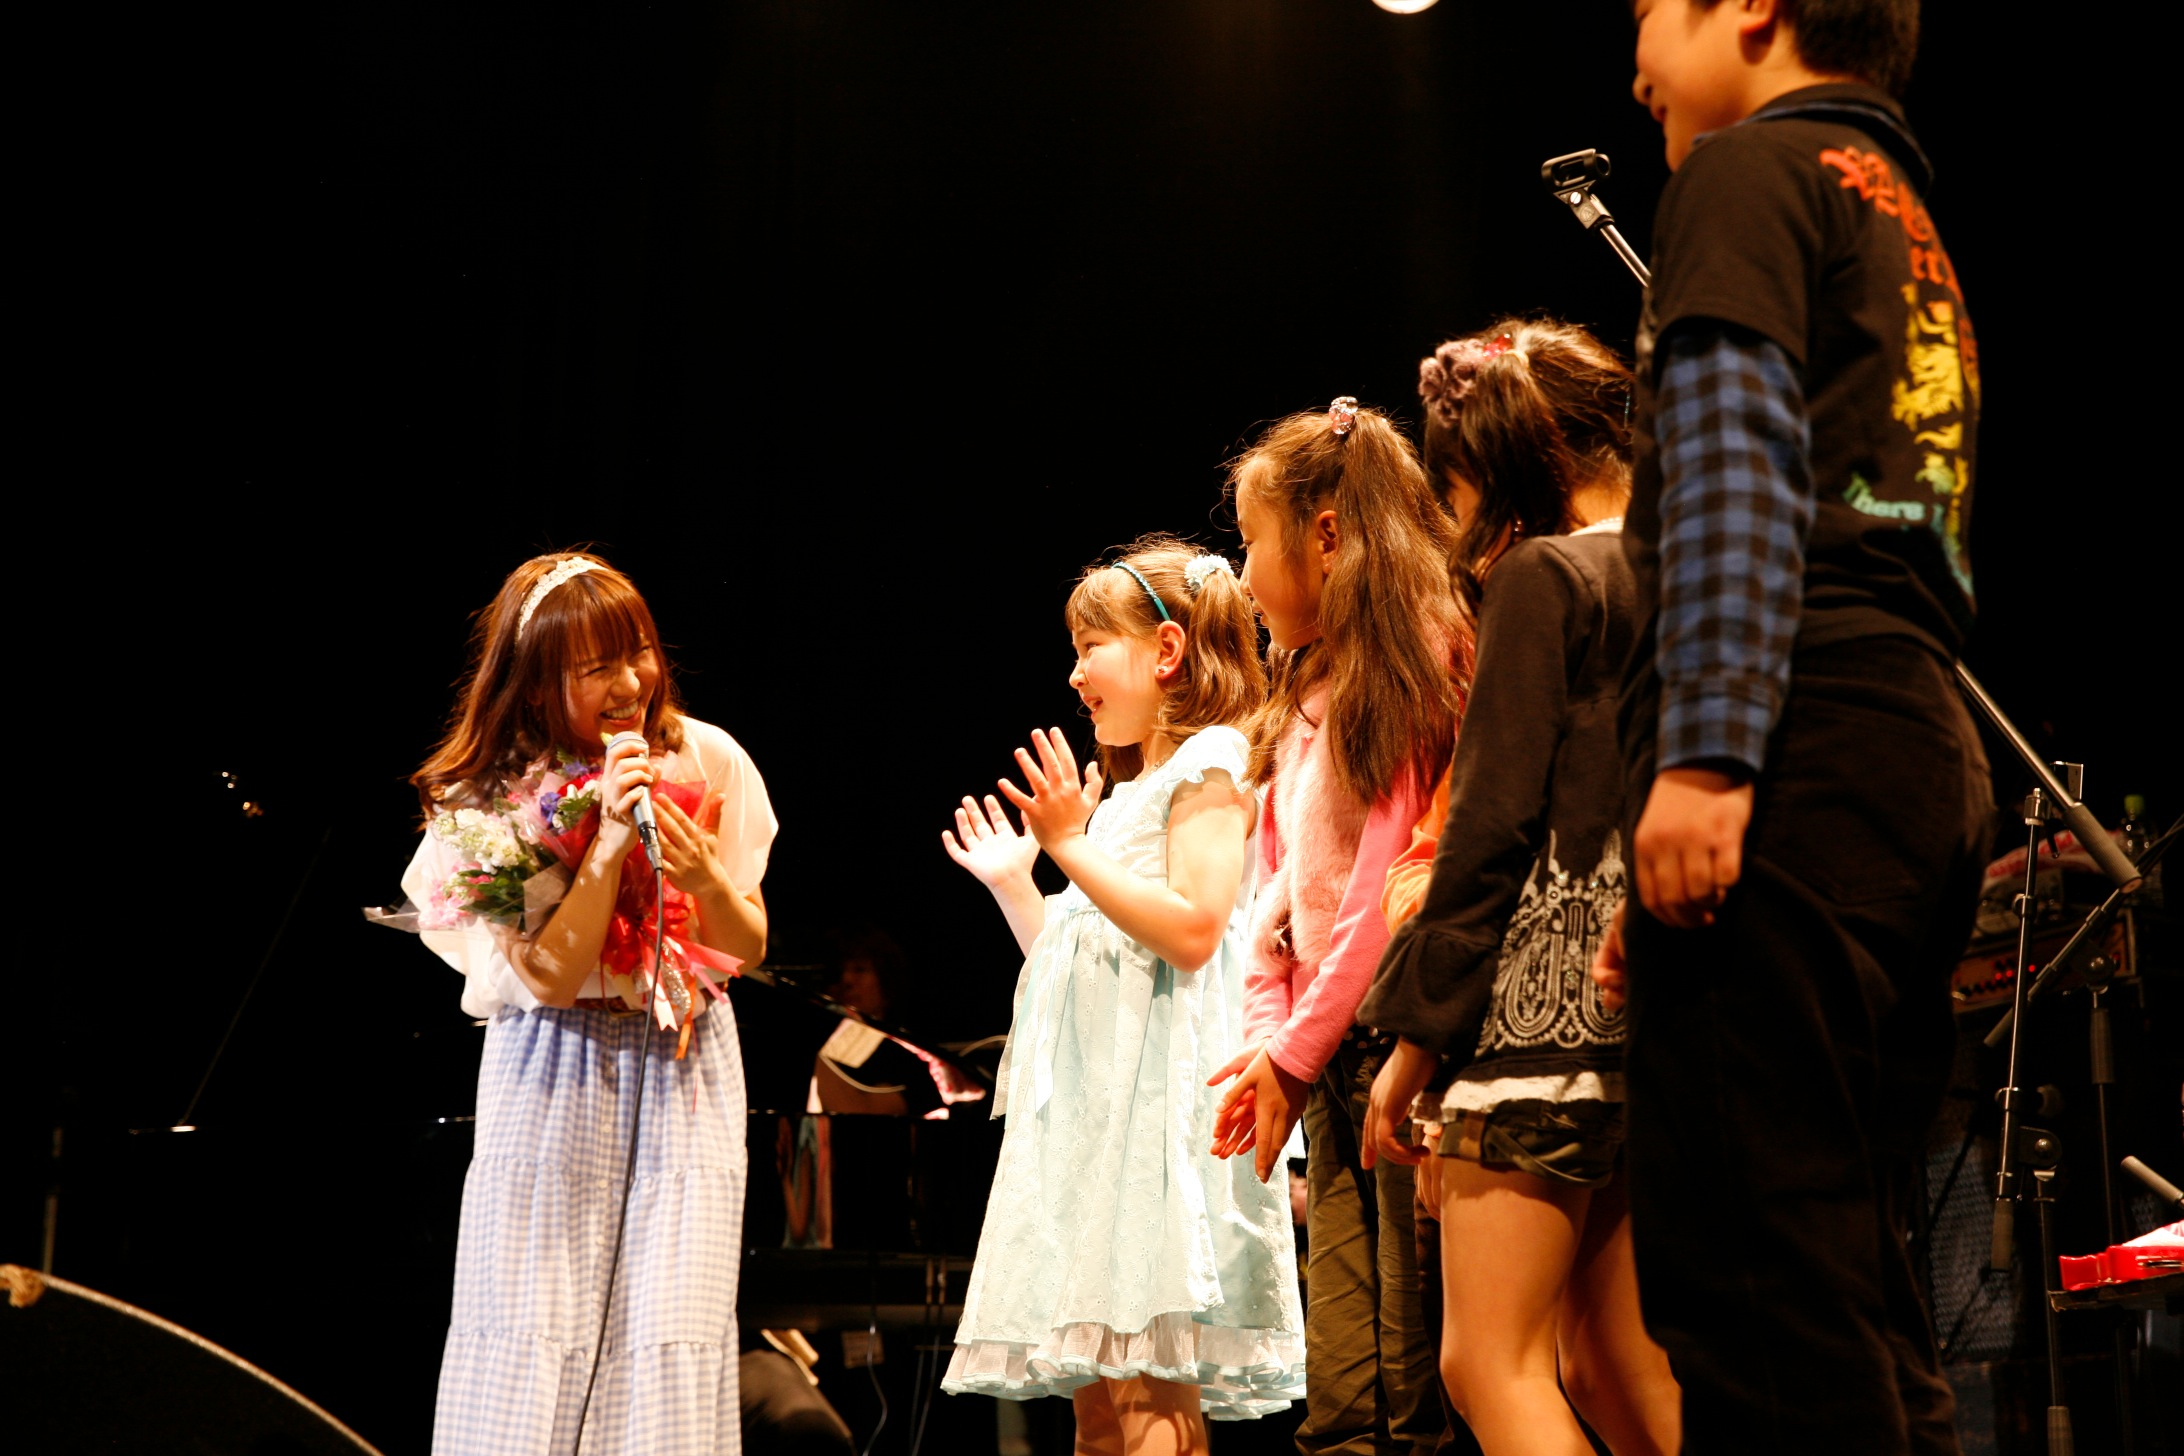 マウントレーニアホール渋谷プレジャープレジャーありがとう!!_e0261371_17385072.jpg